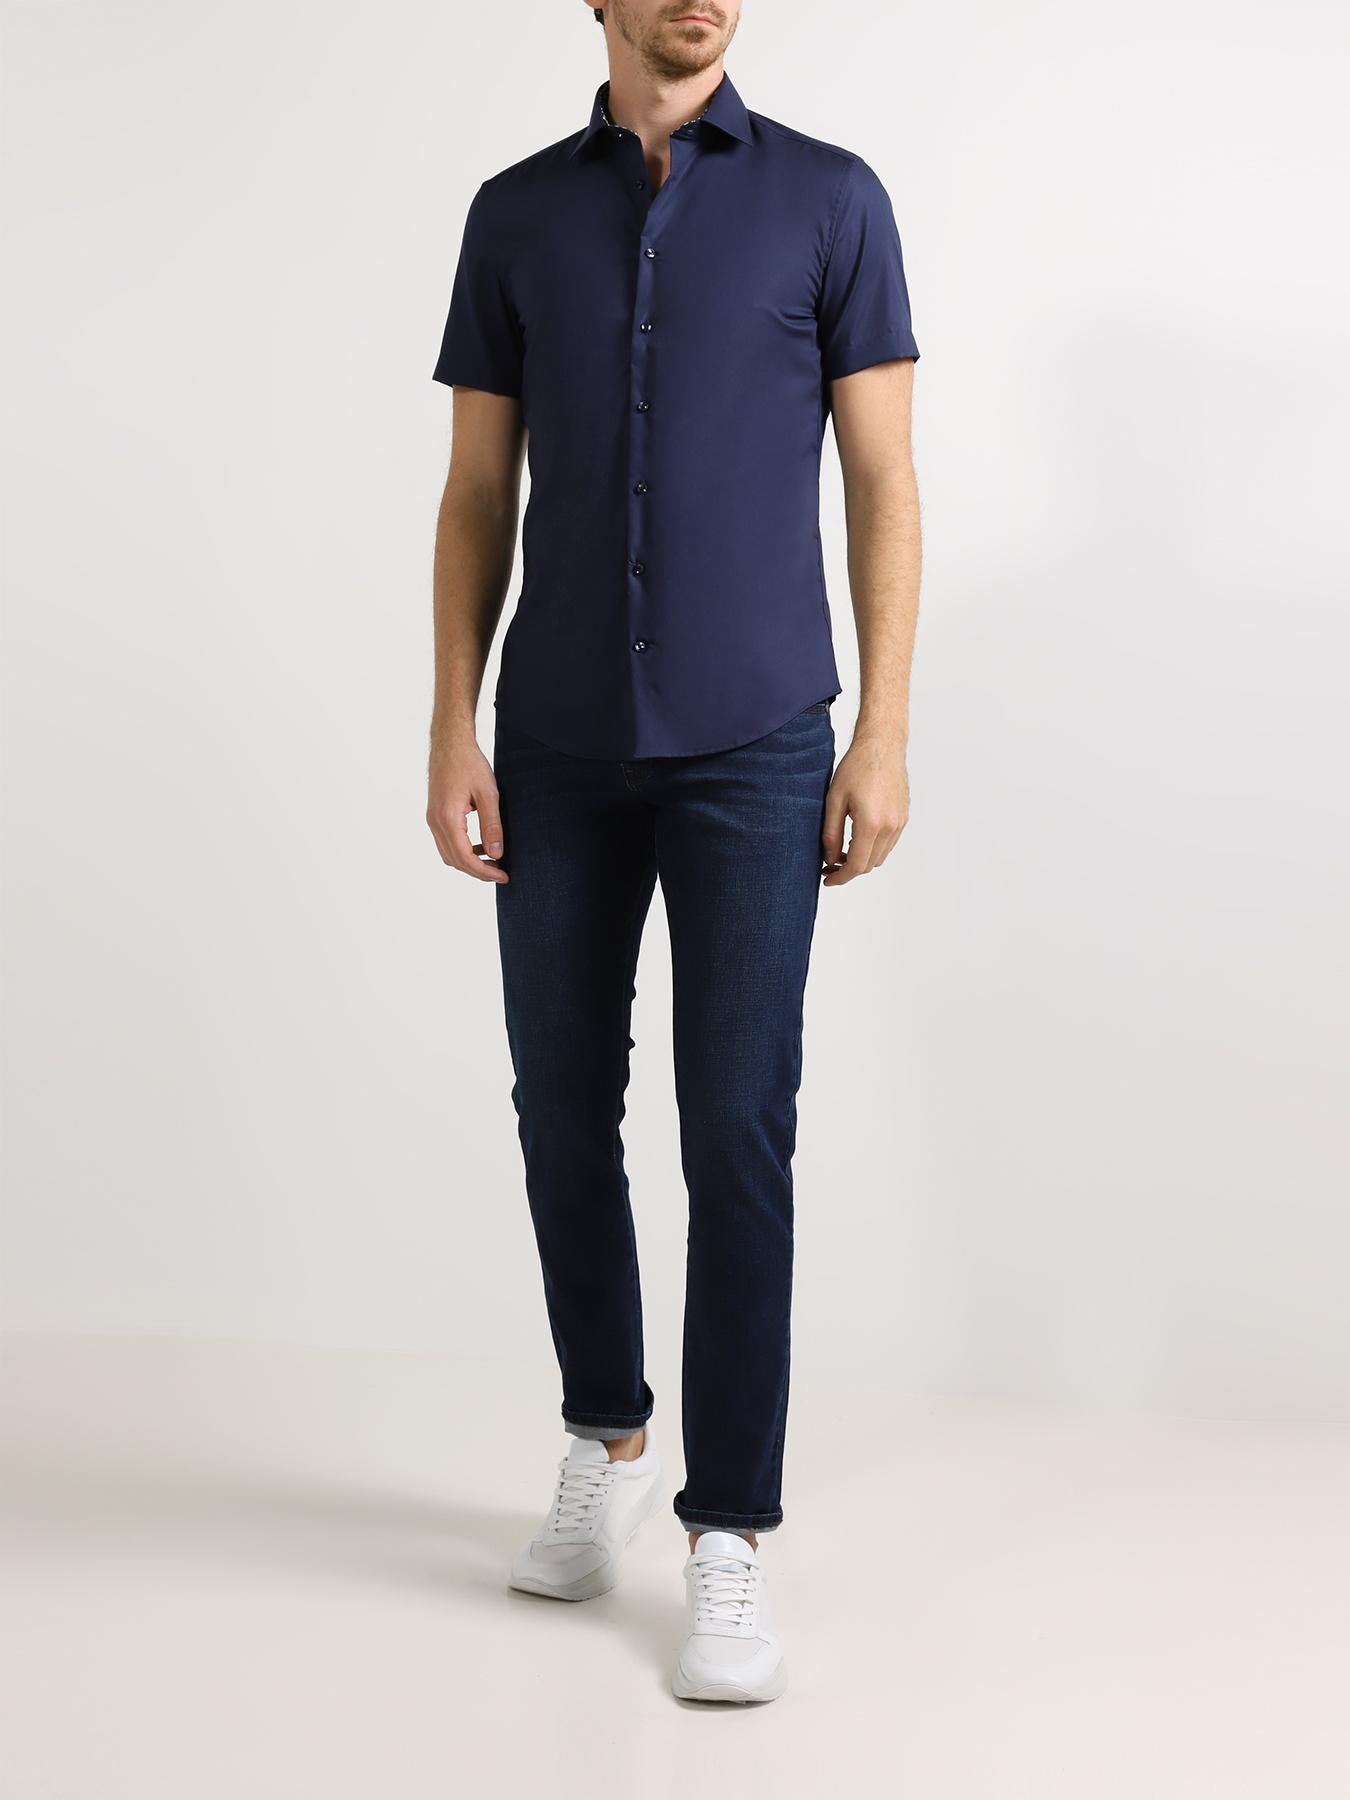 Брюки Ritter Jeans Зауженные джинсы